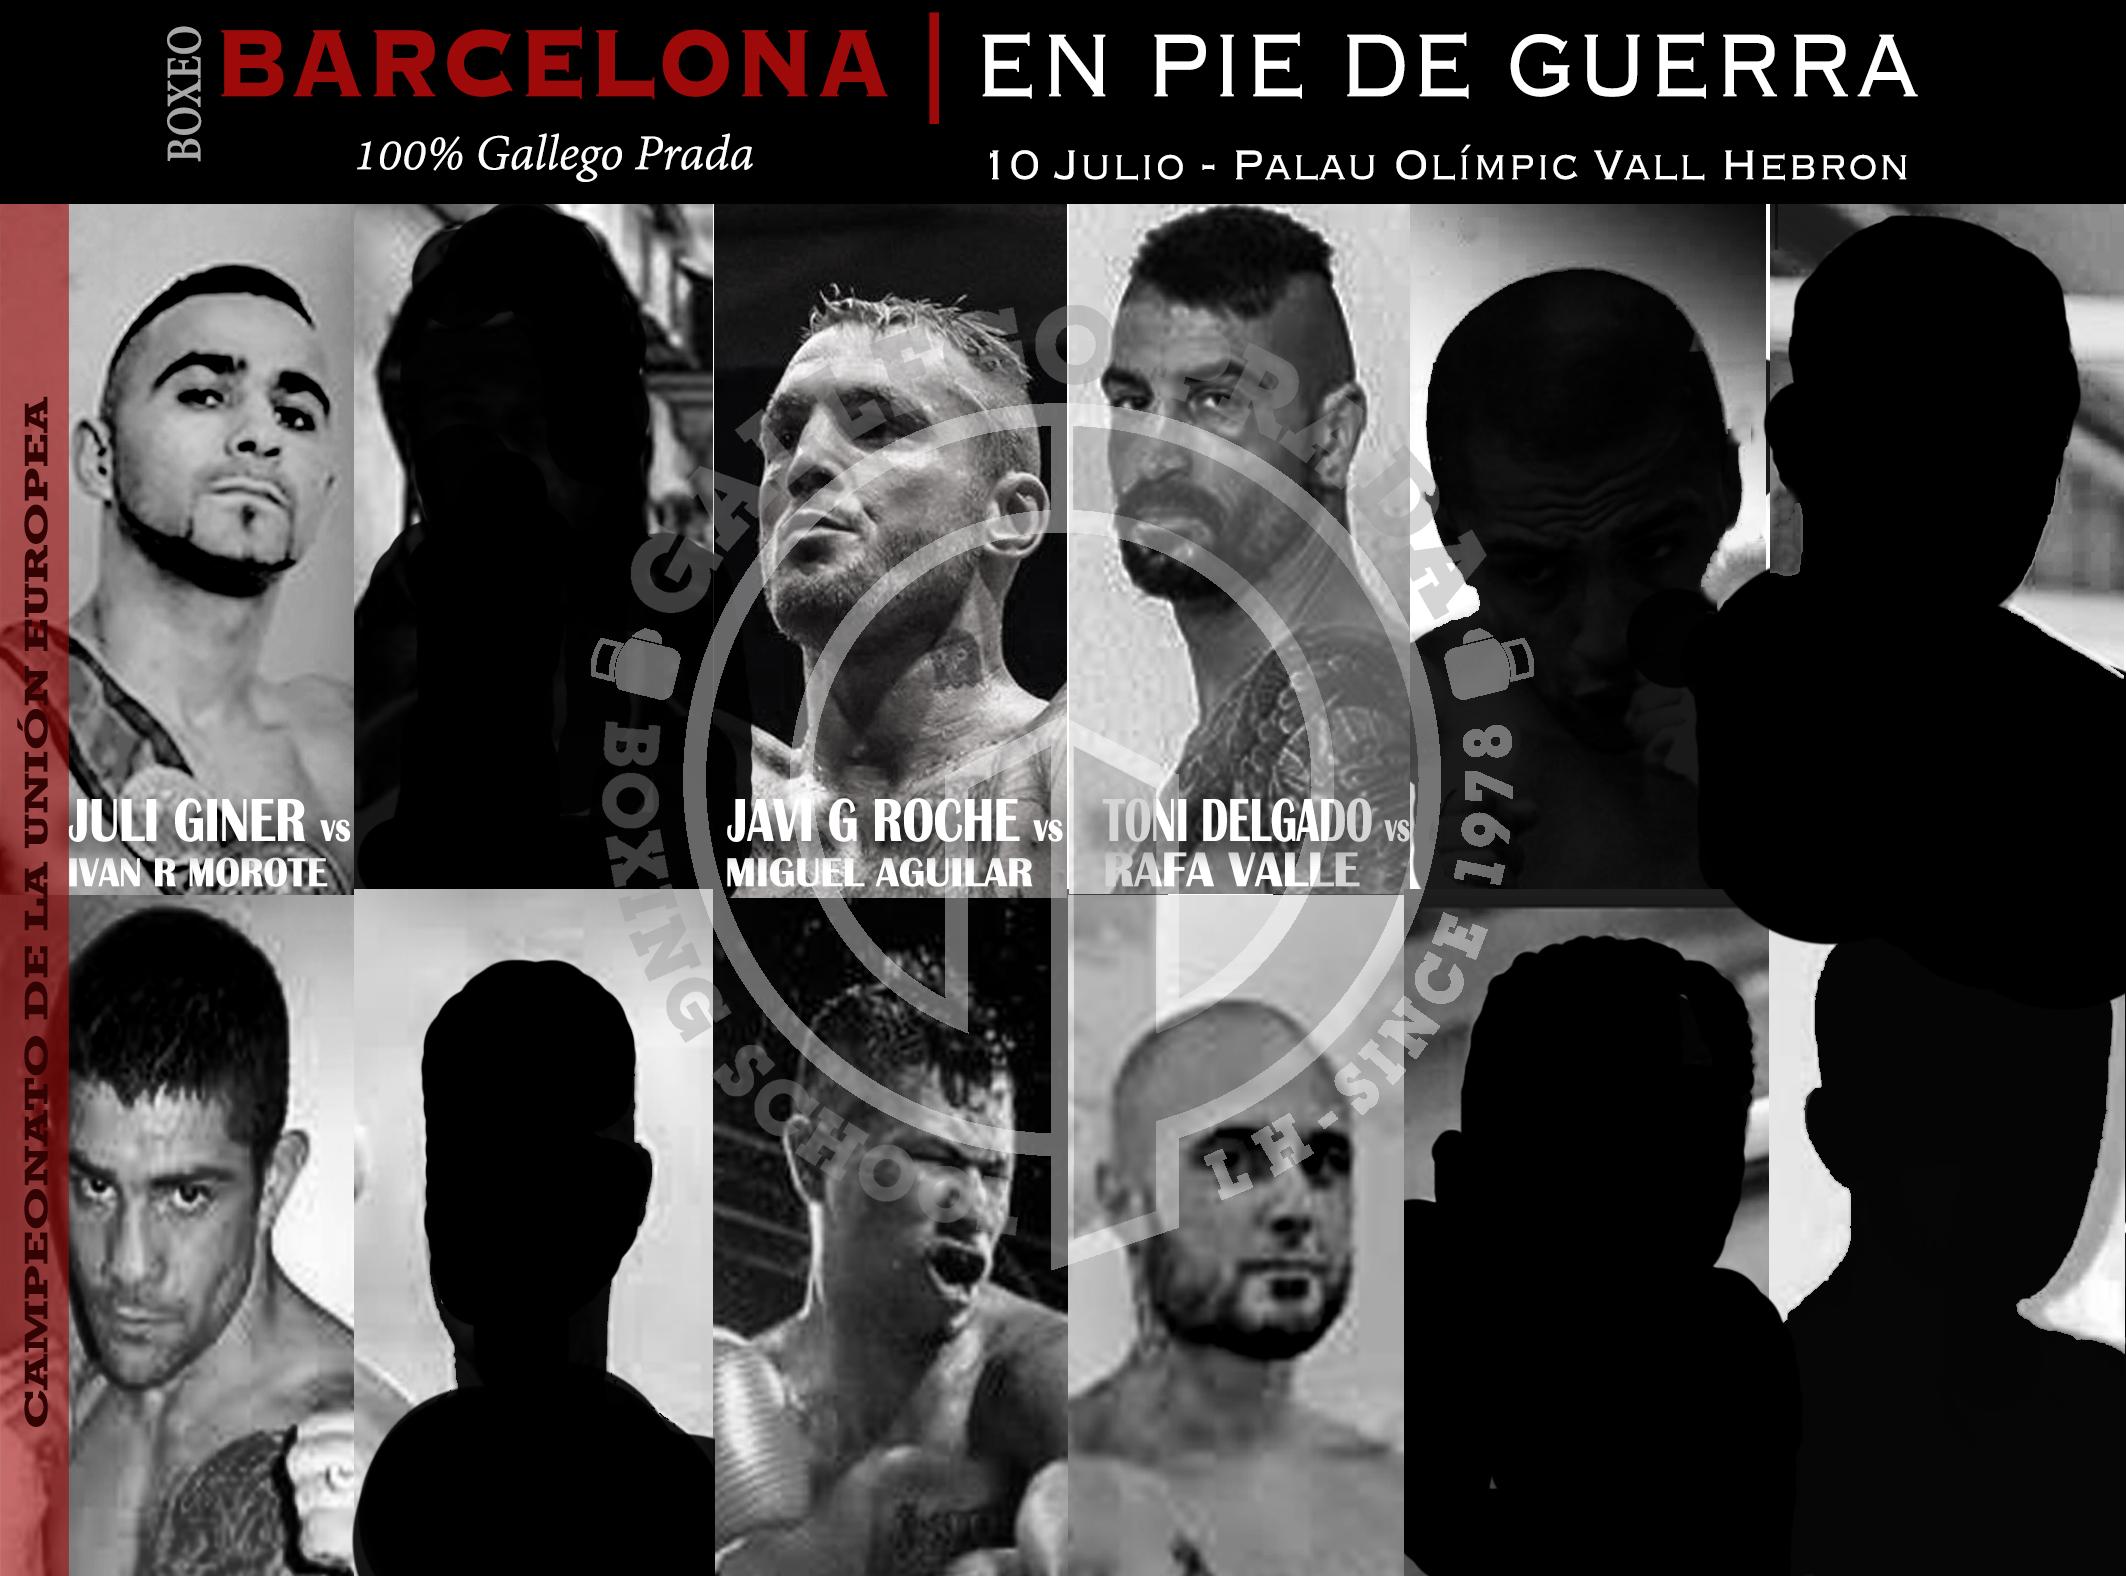 Barcelona en pie de guerra - f3